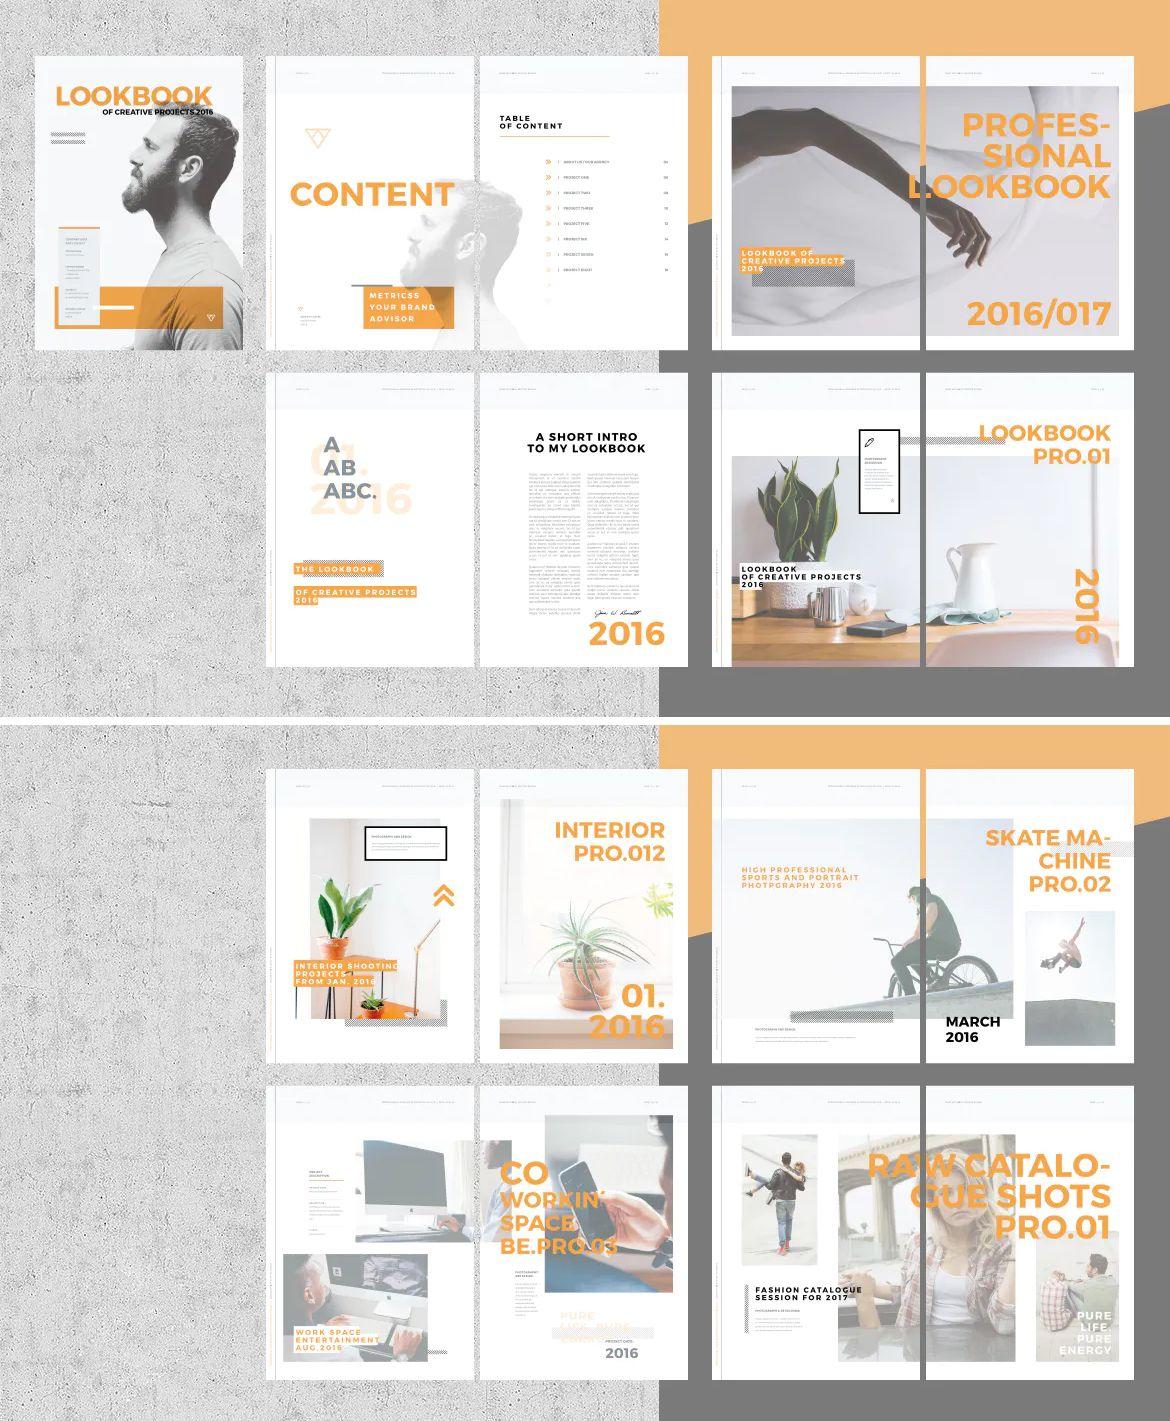 Portfolio Lookbook Template Indesign In 2020 Lookbook Design Portfolio Design Template